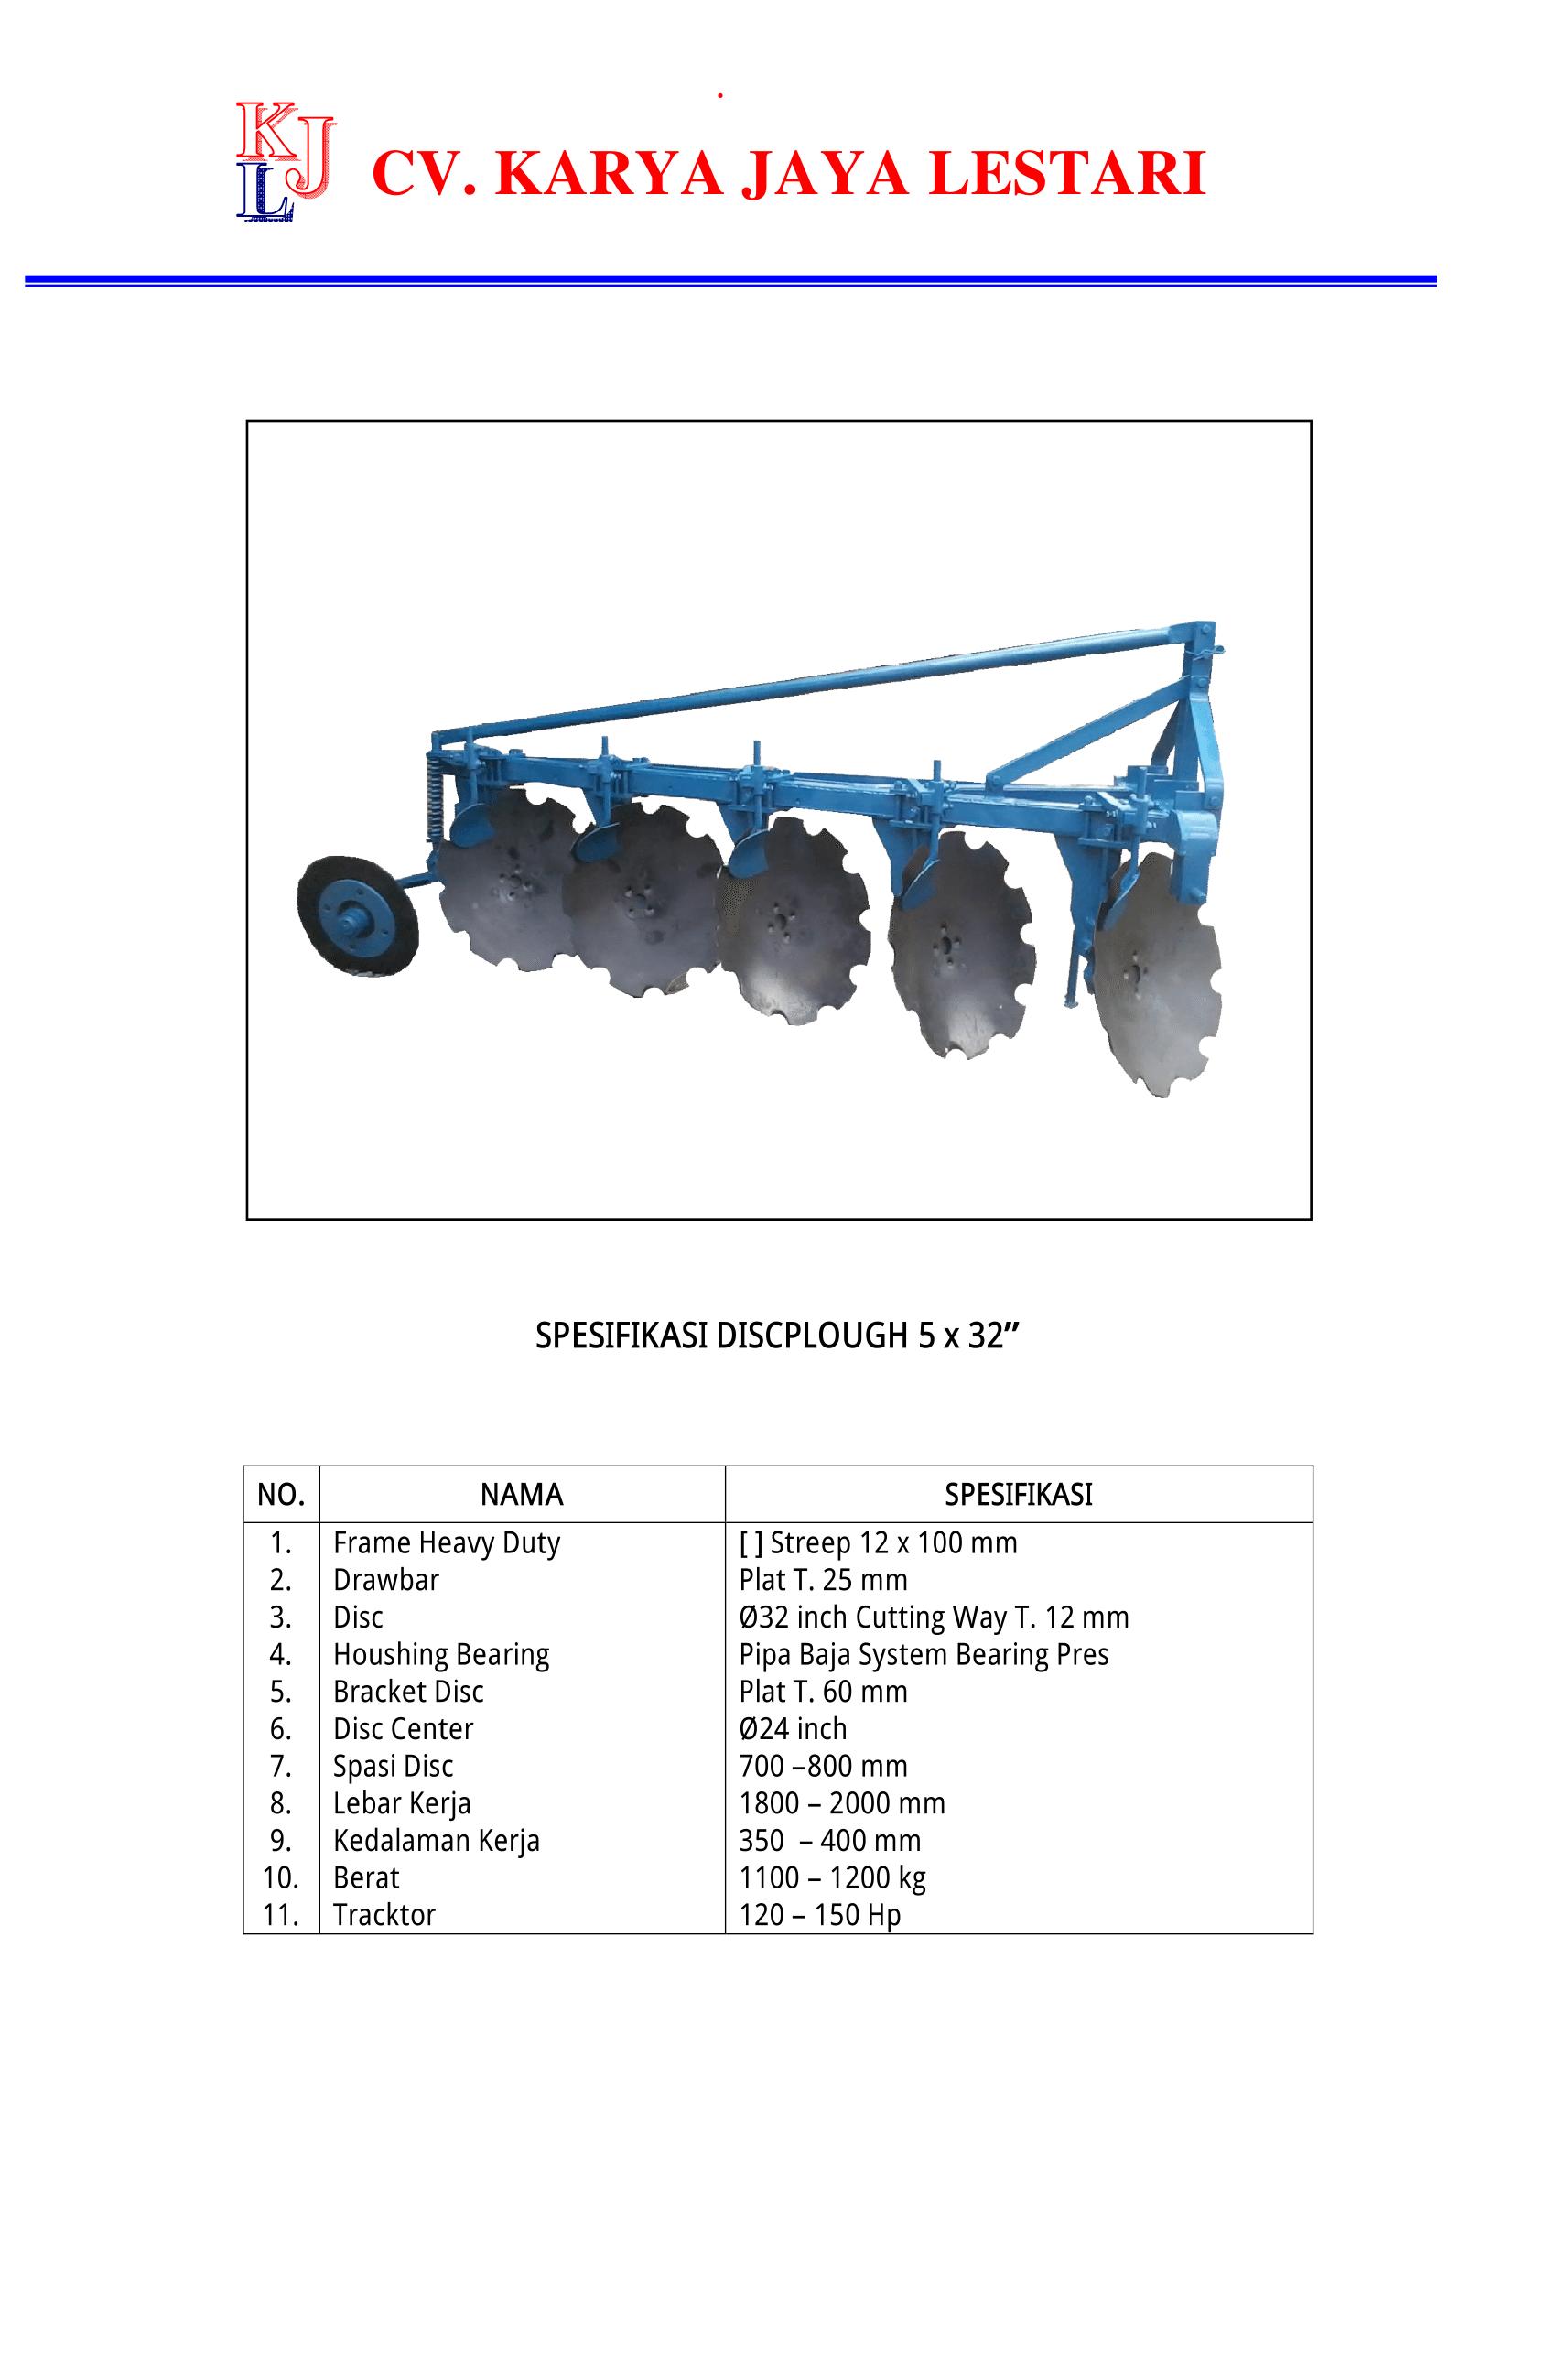 discplough-5-x-32-1